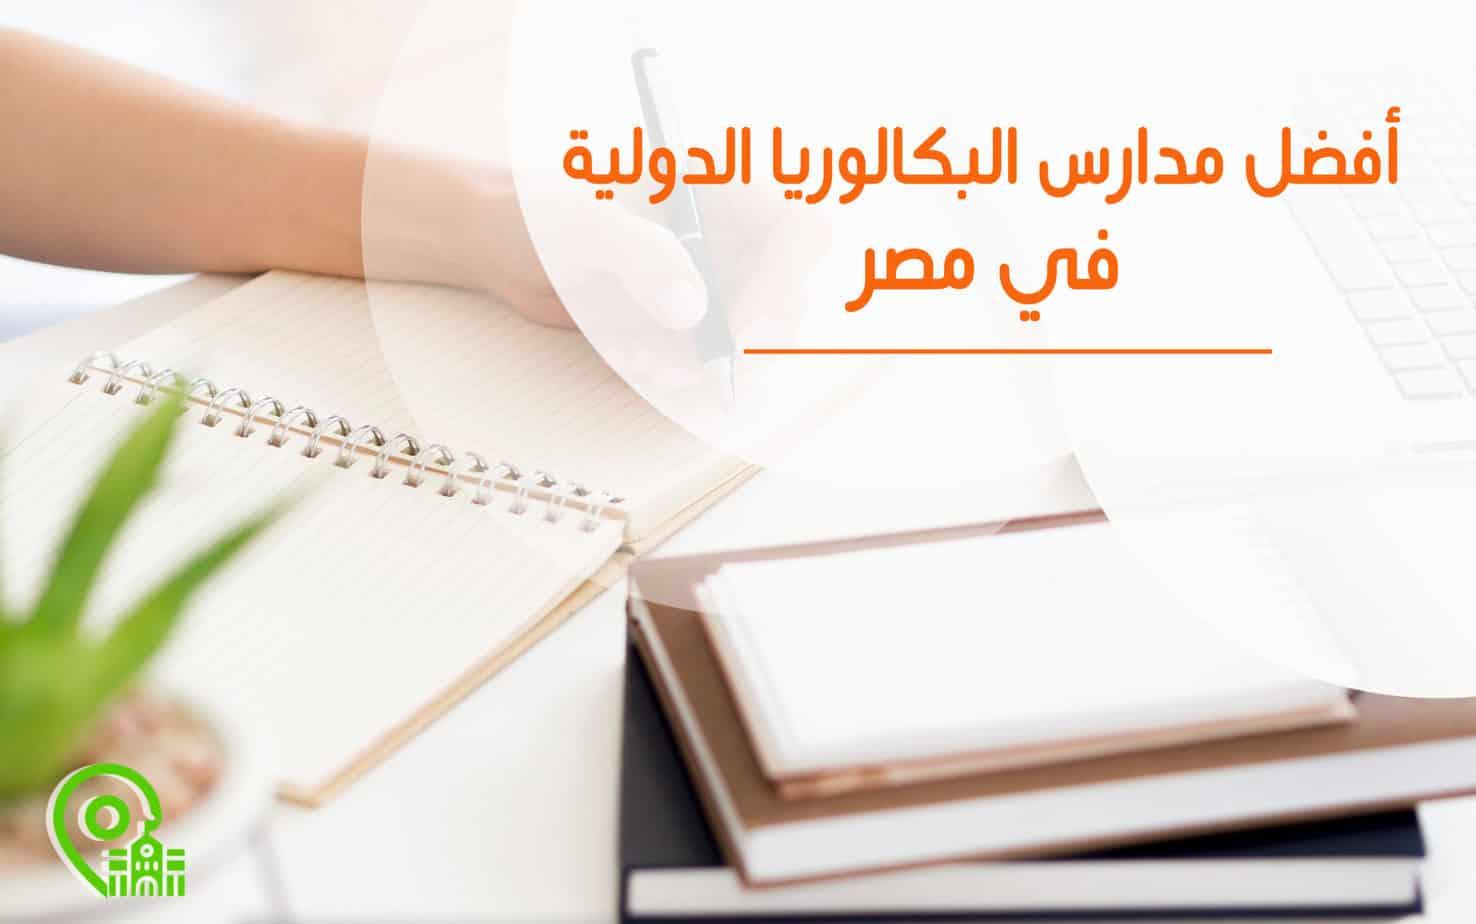 أفضل مدارس البكالوريا الدولية IB في مصر